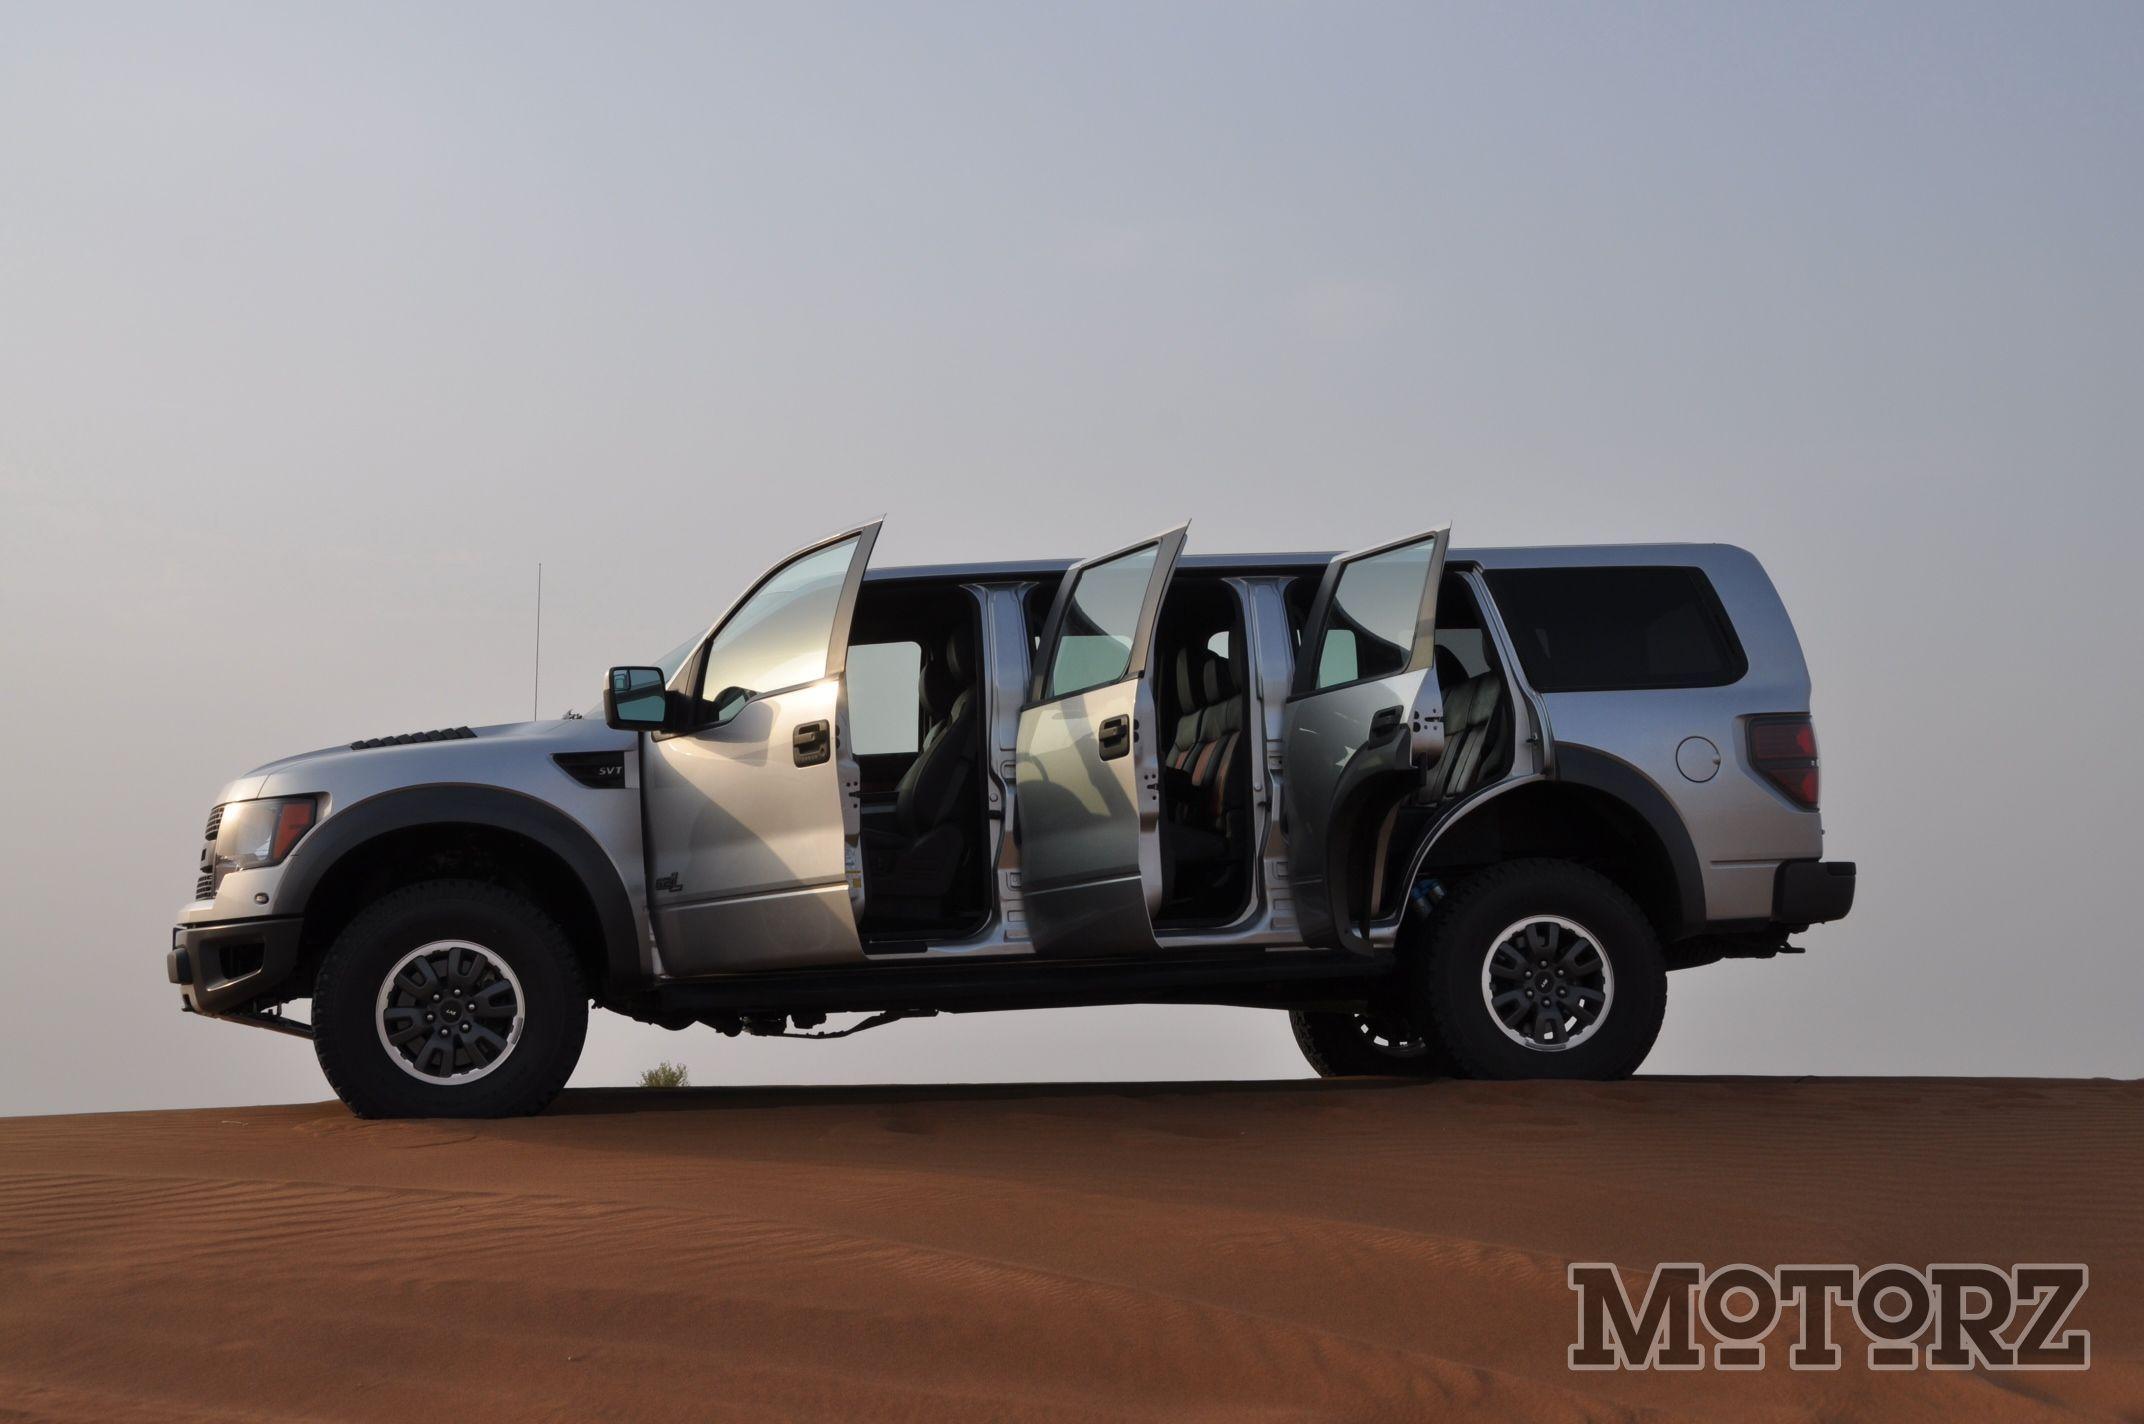 Ford ford raptor suv